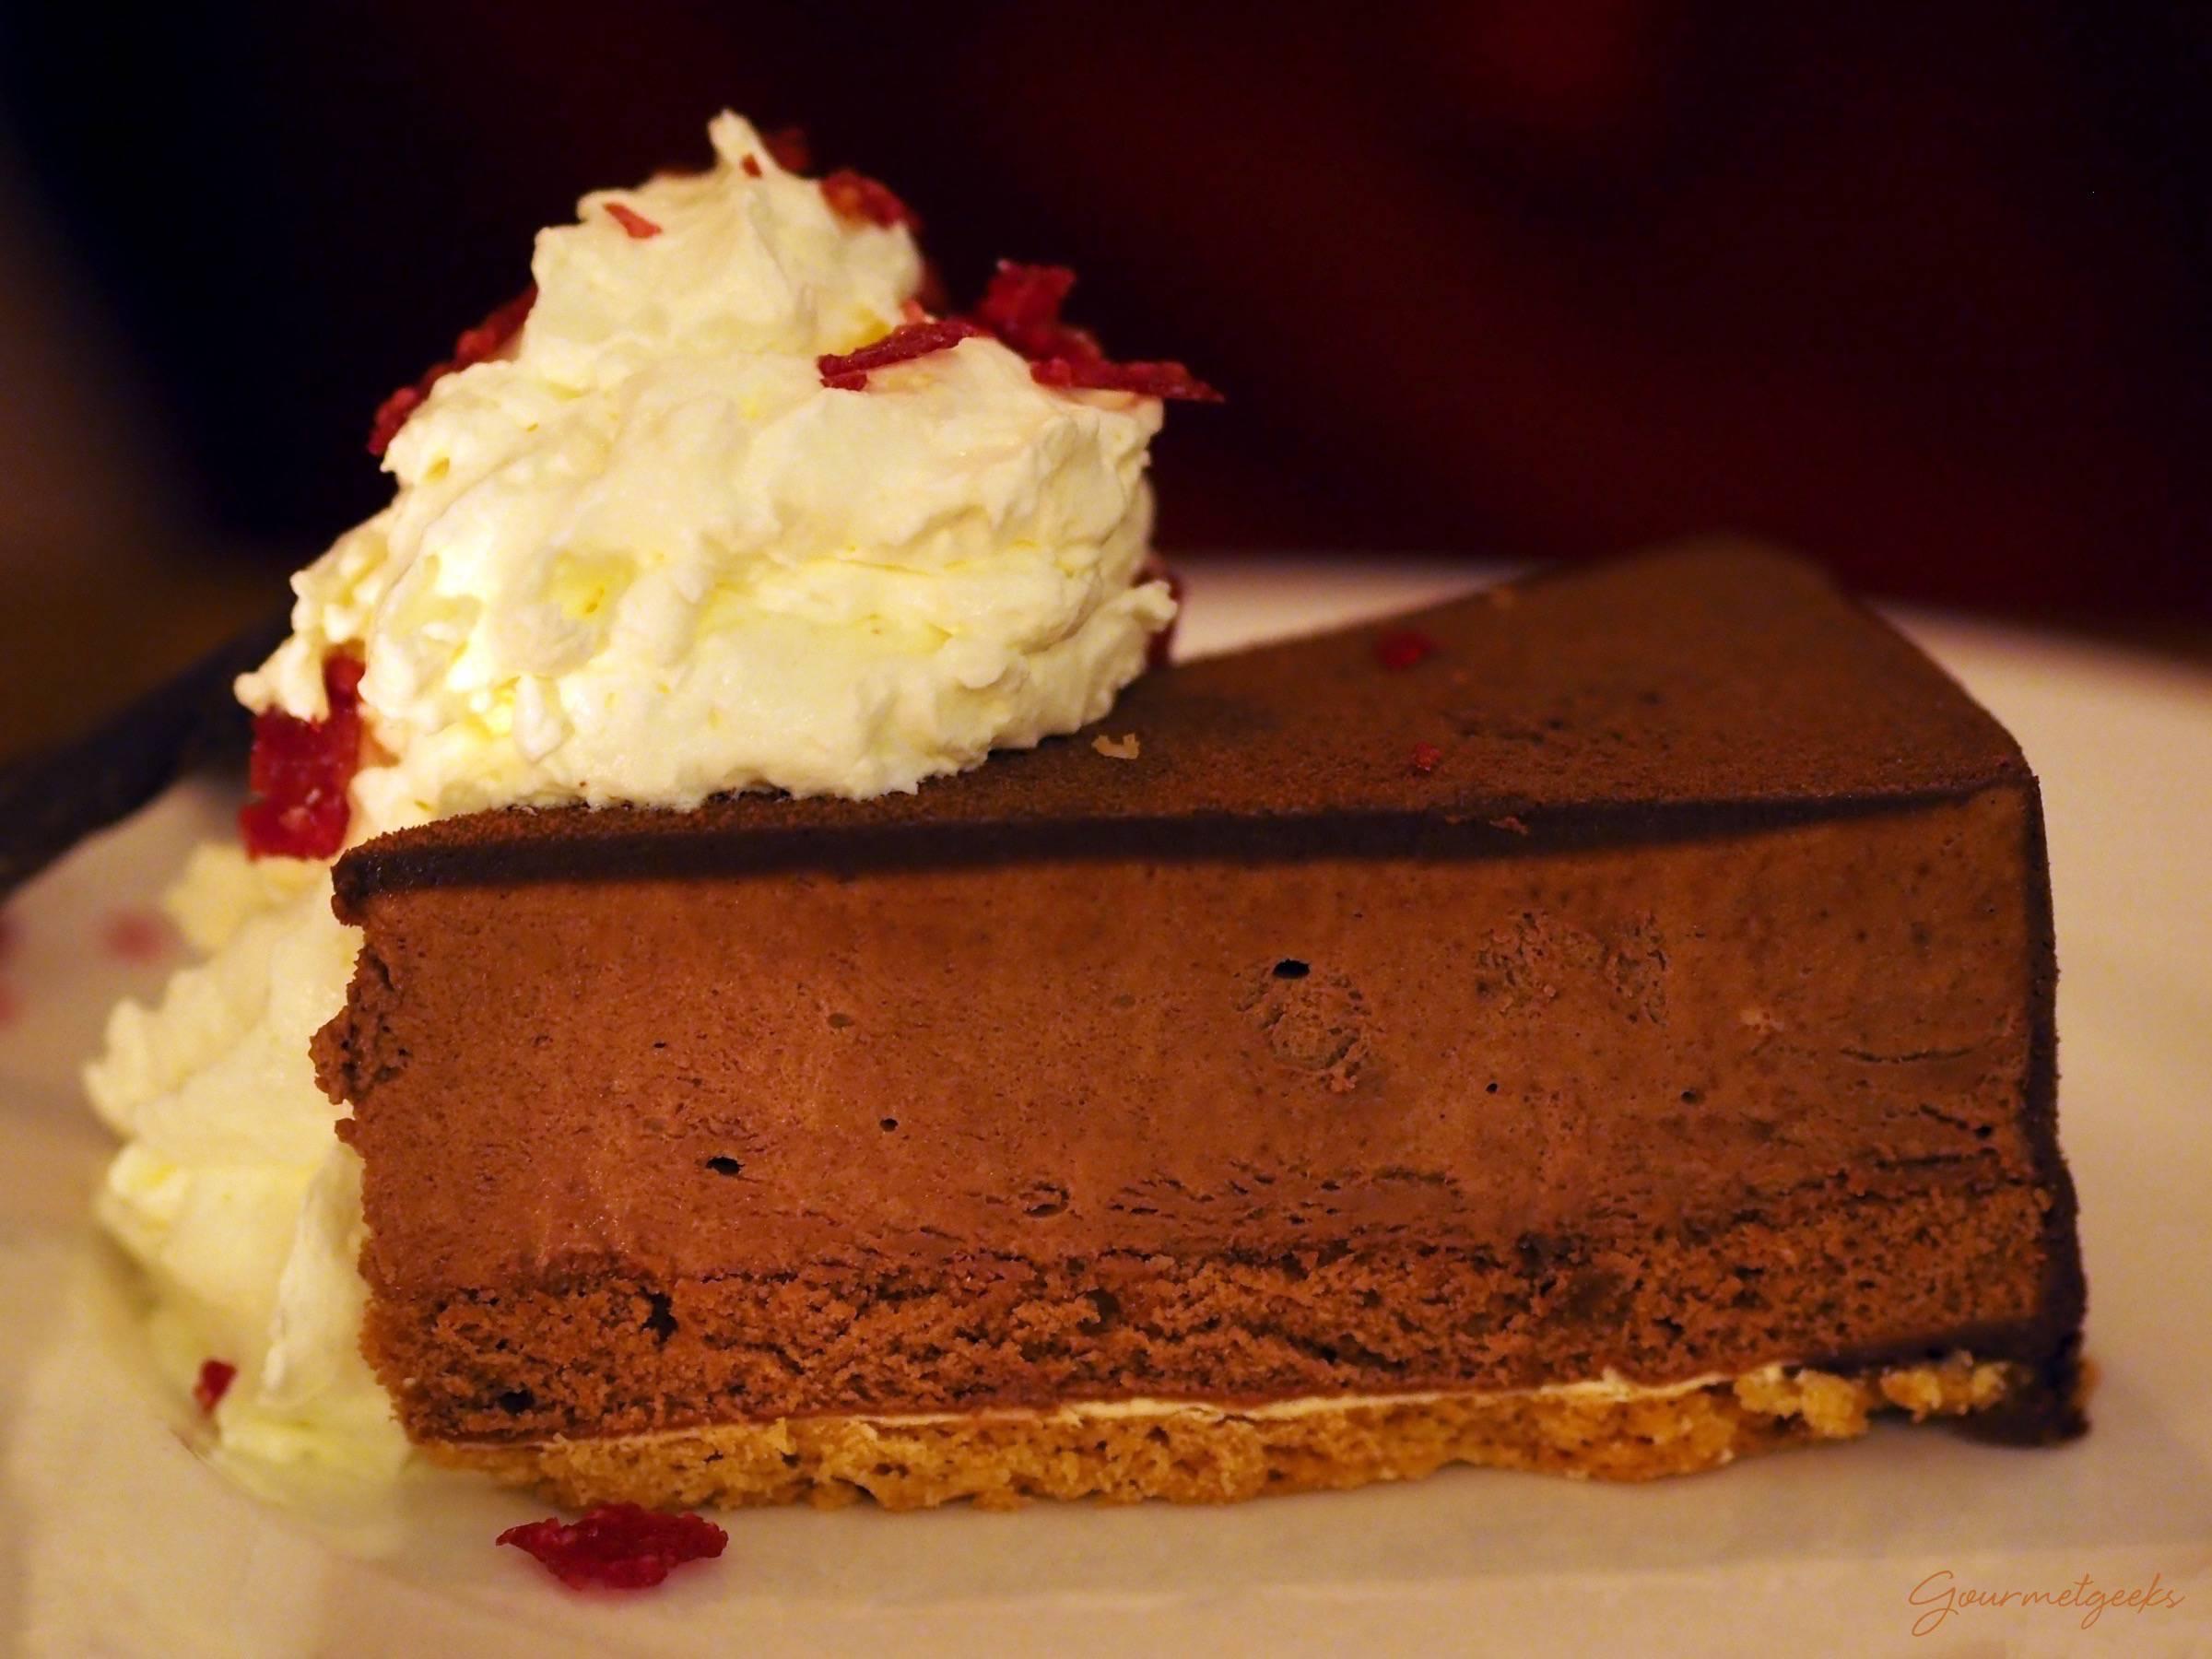 Schokoladentorte zum Niederknien